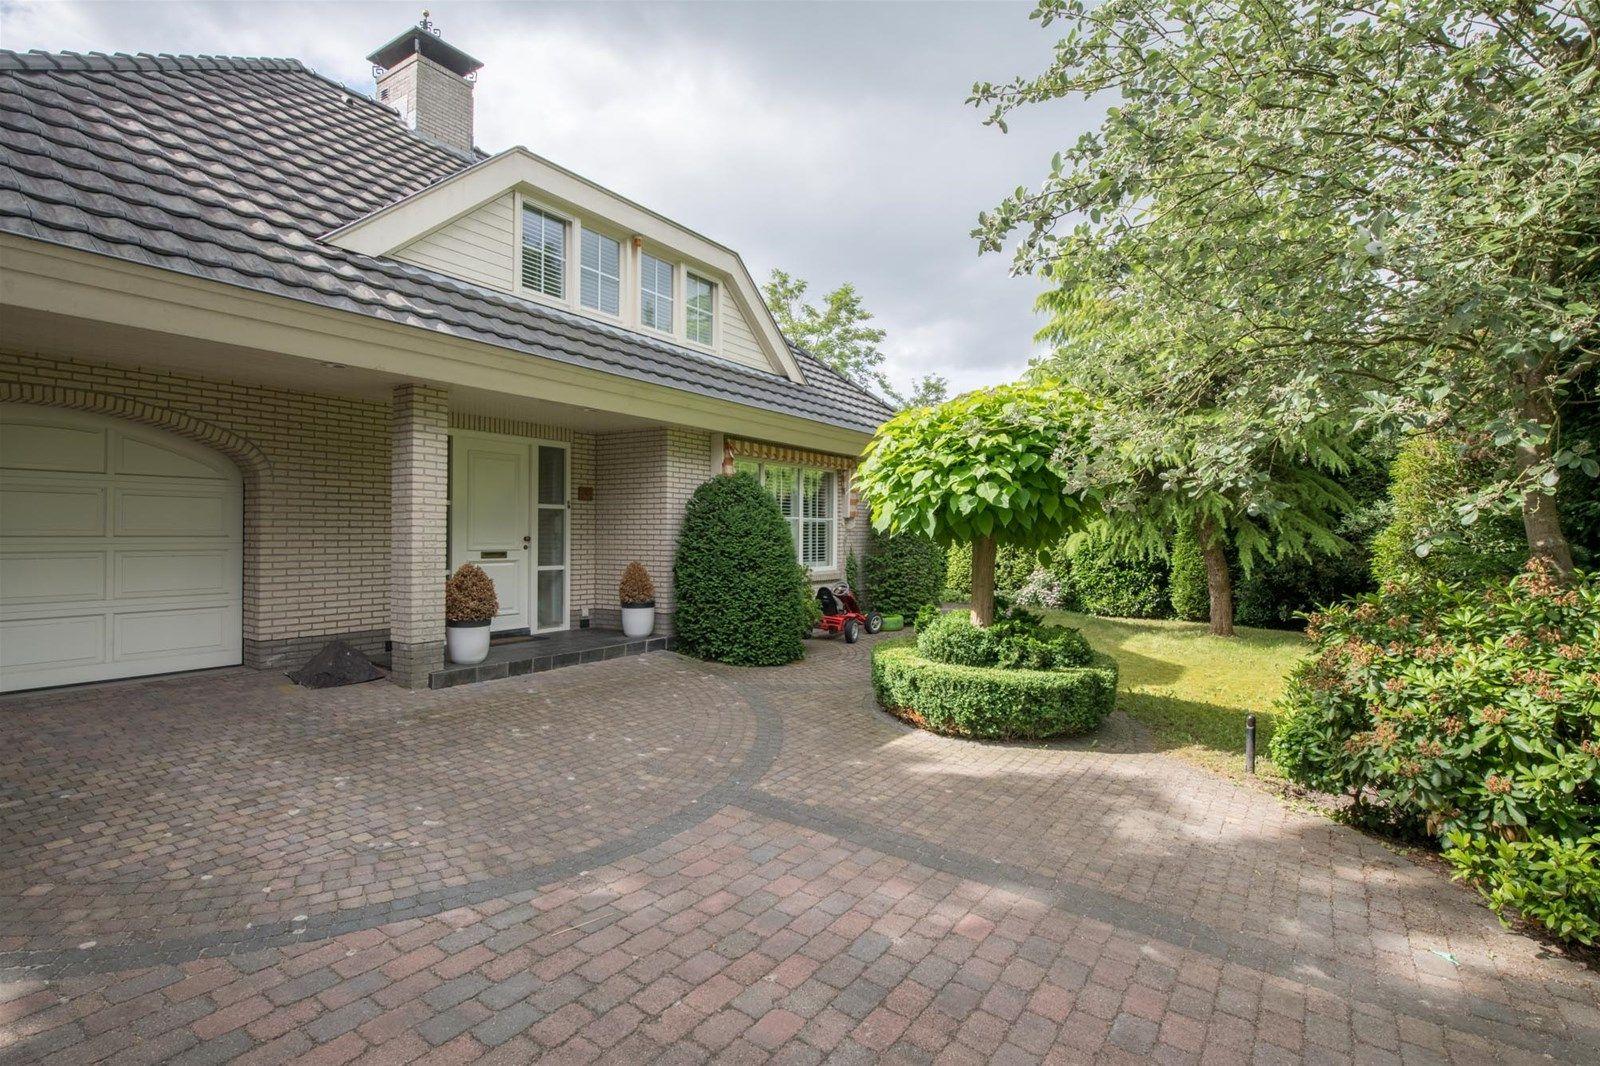 Bonte Kraailaan 8, Almere